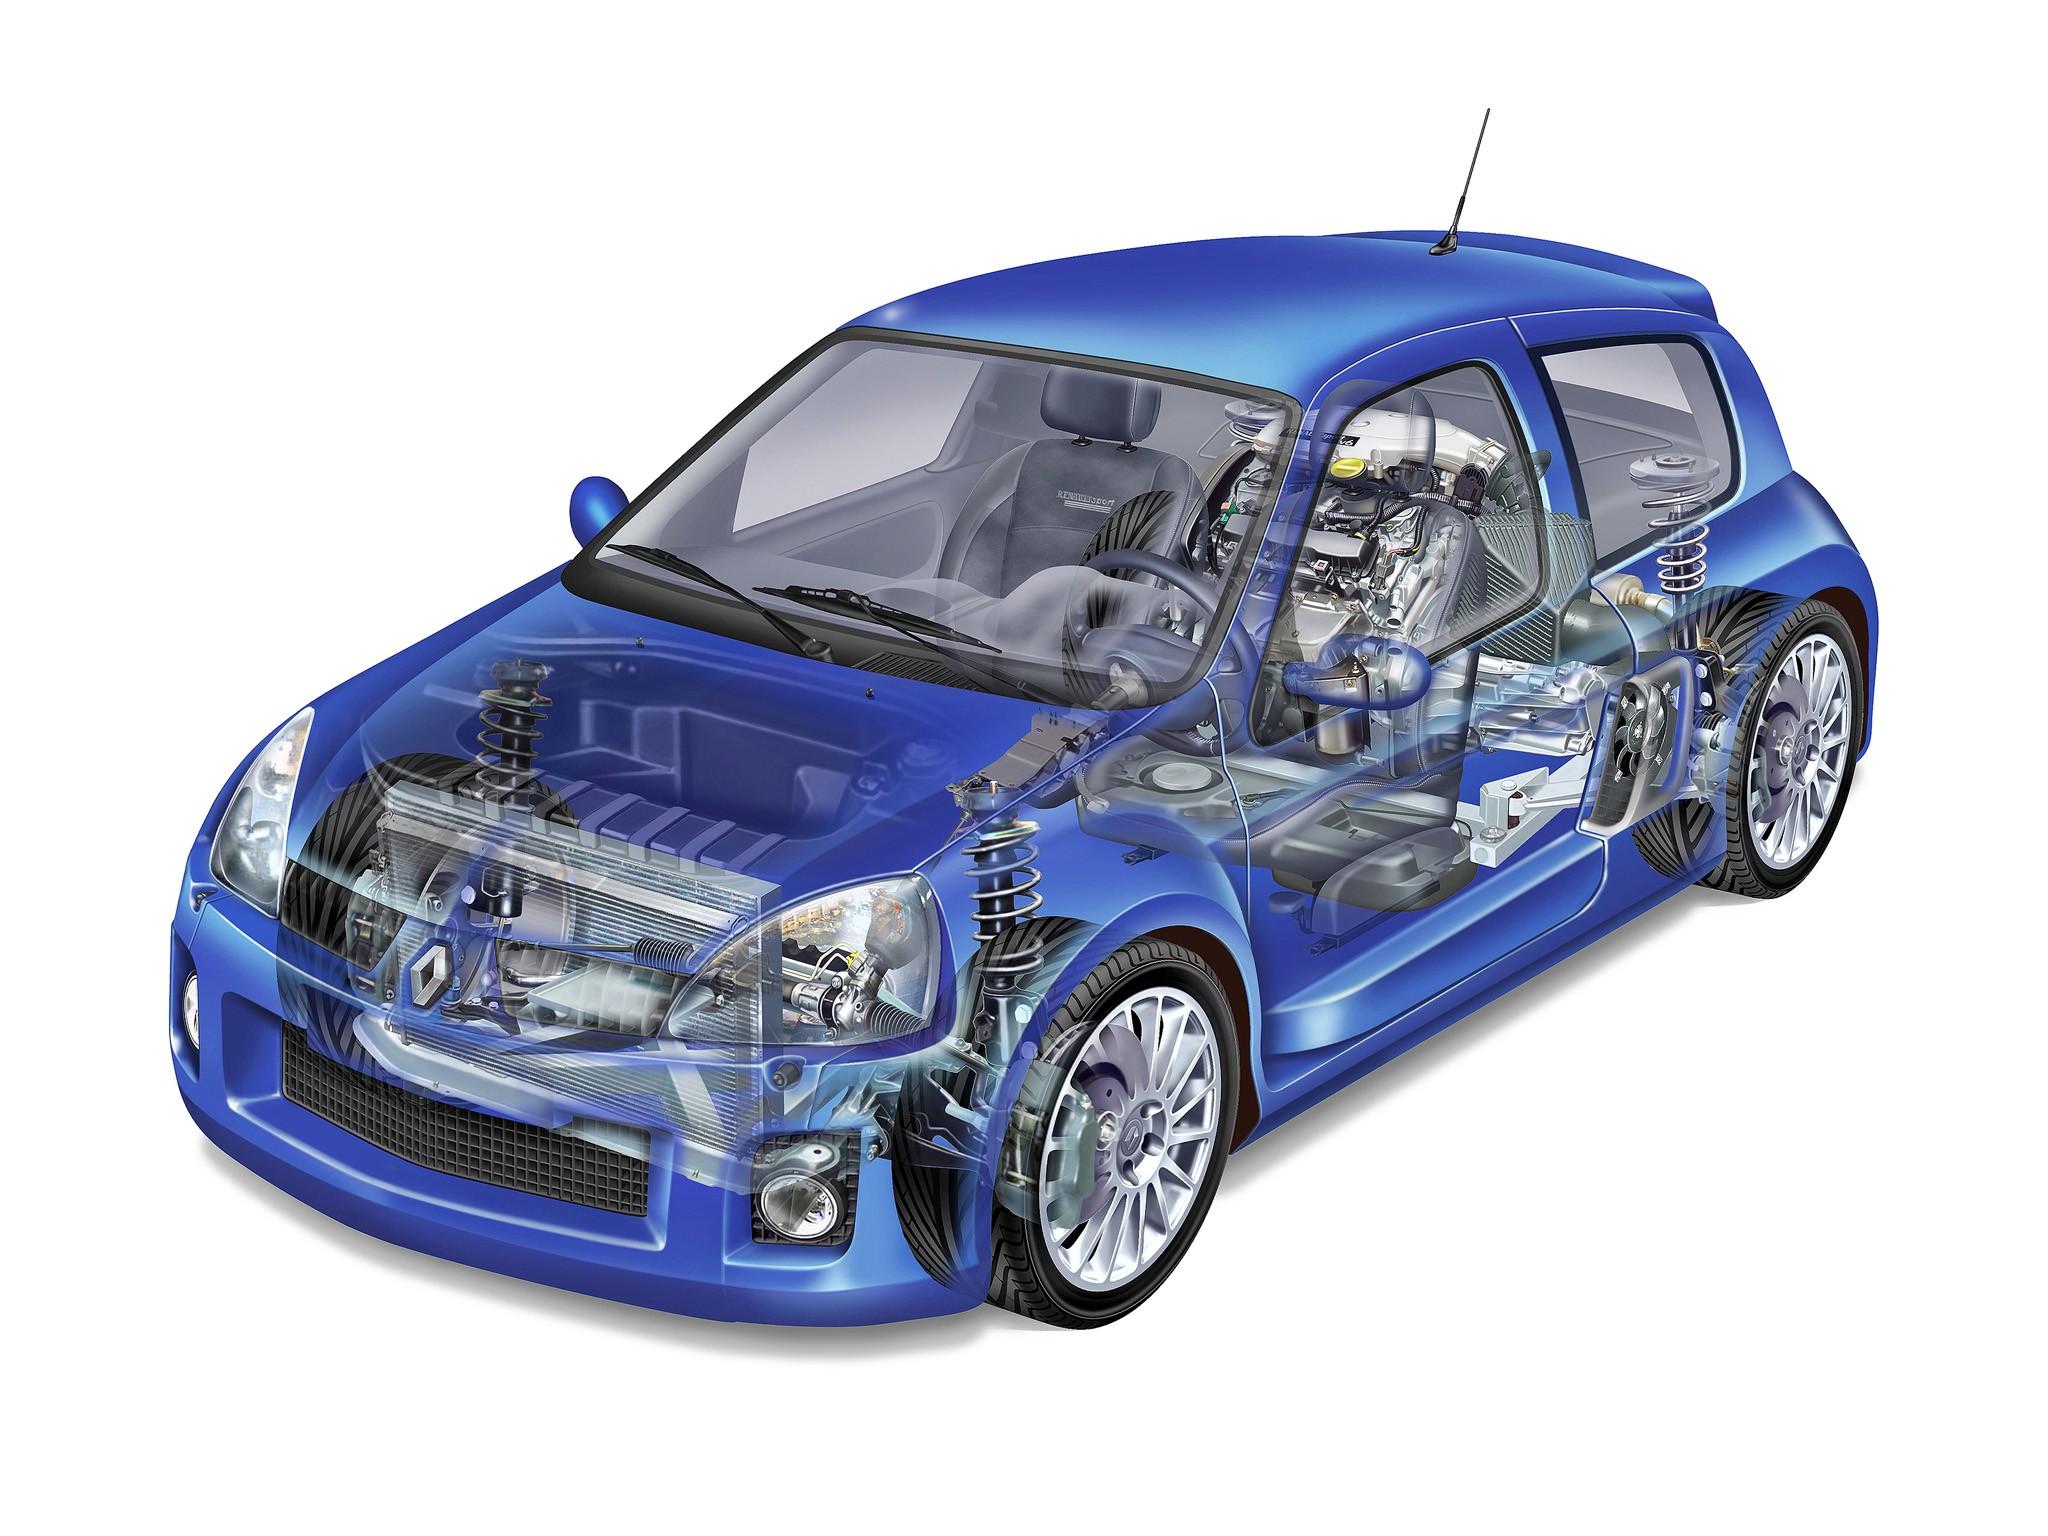 Renault Clio Engine Diagram 2003 2005 Renault Clio V6 Illustration Unattributed Of Renault Clio Engine Diagram